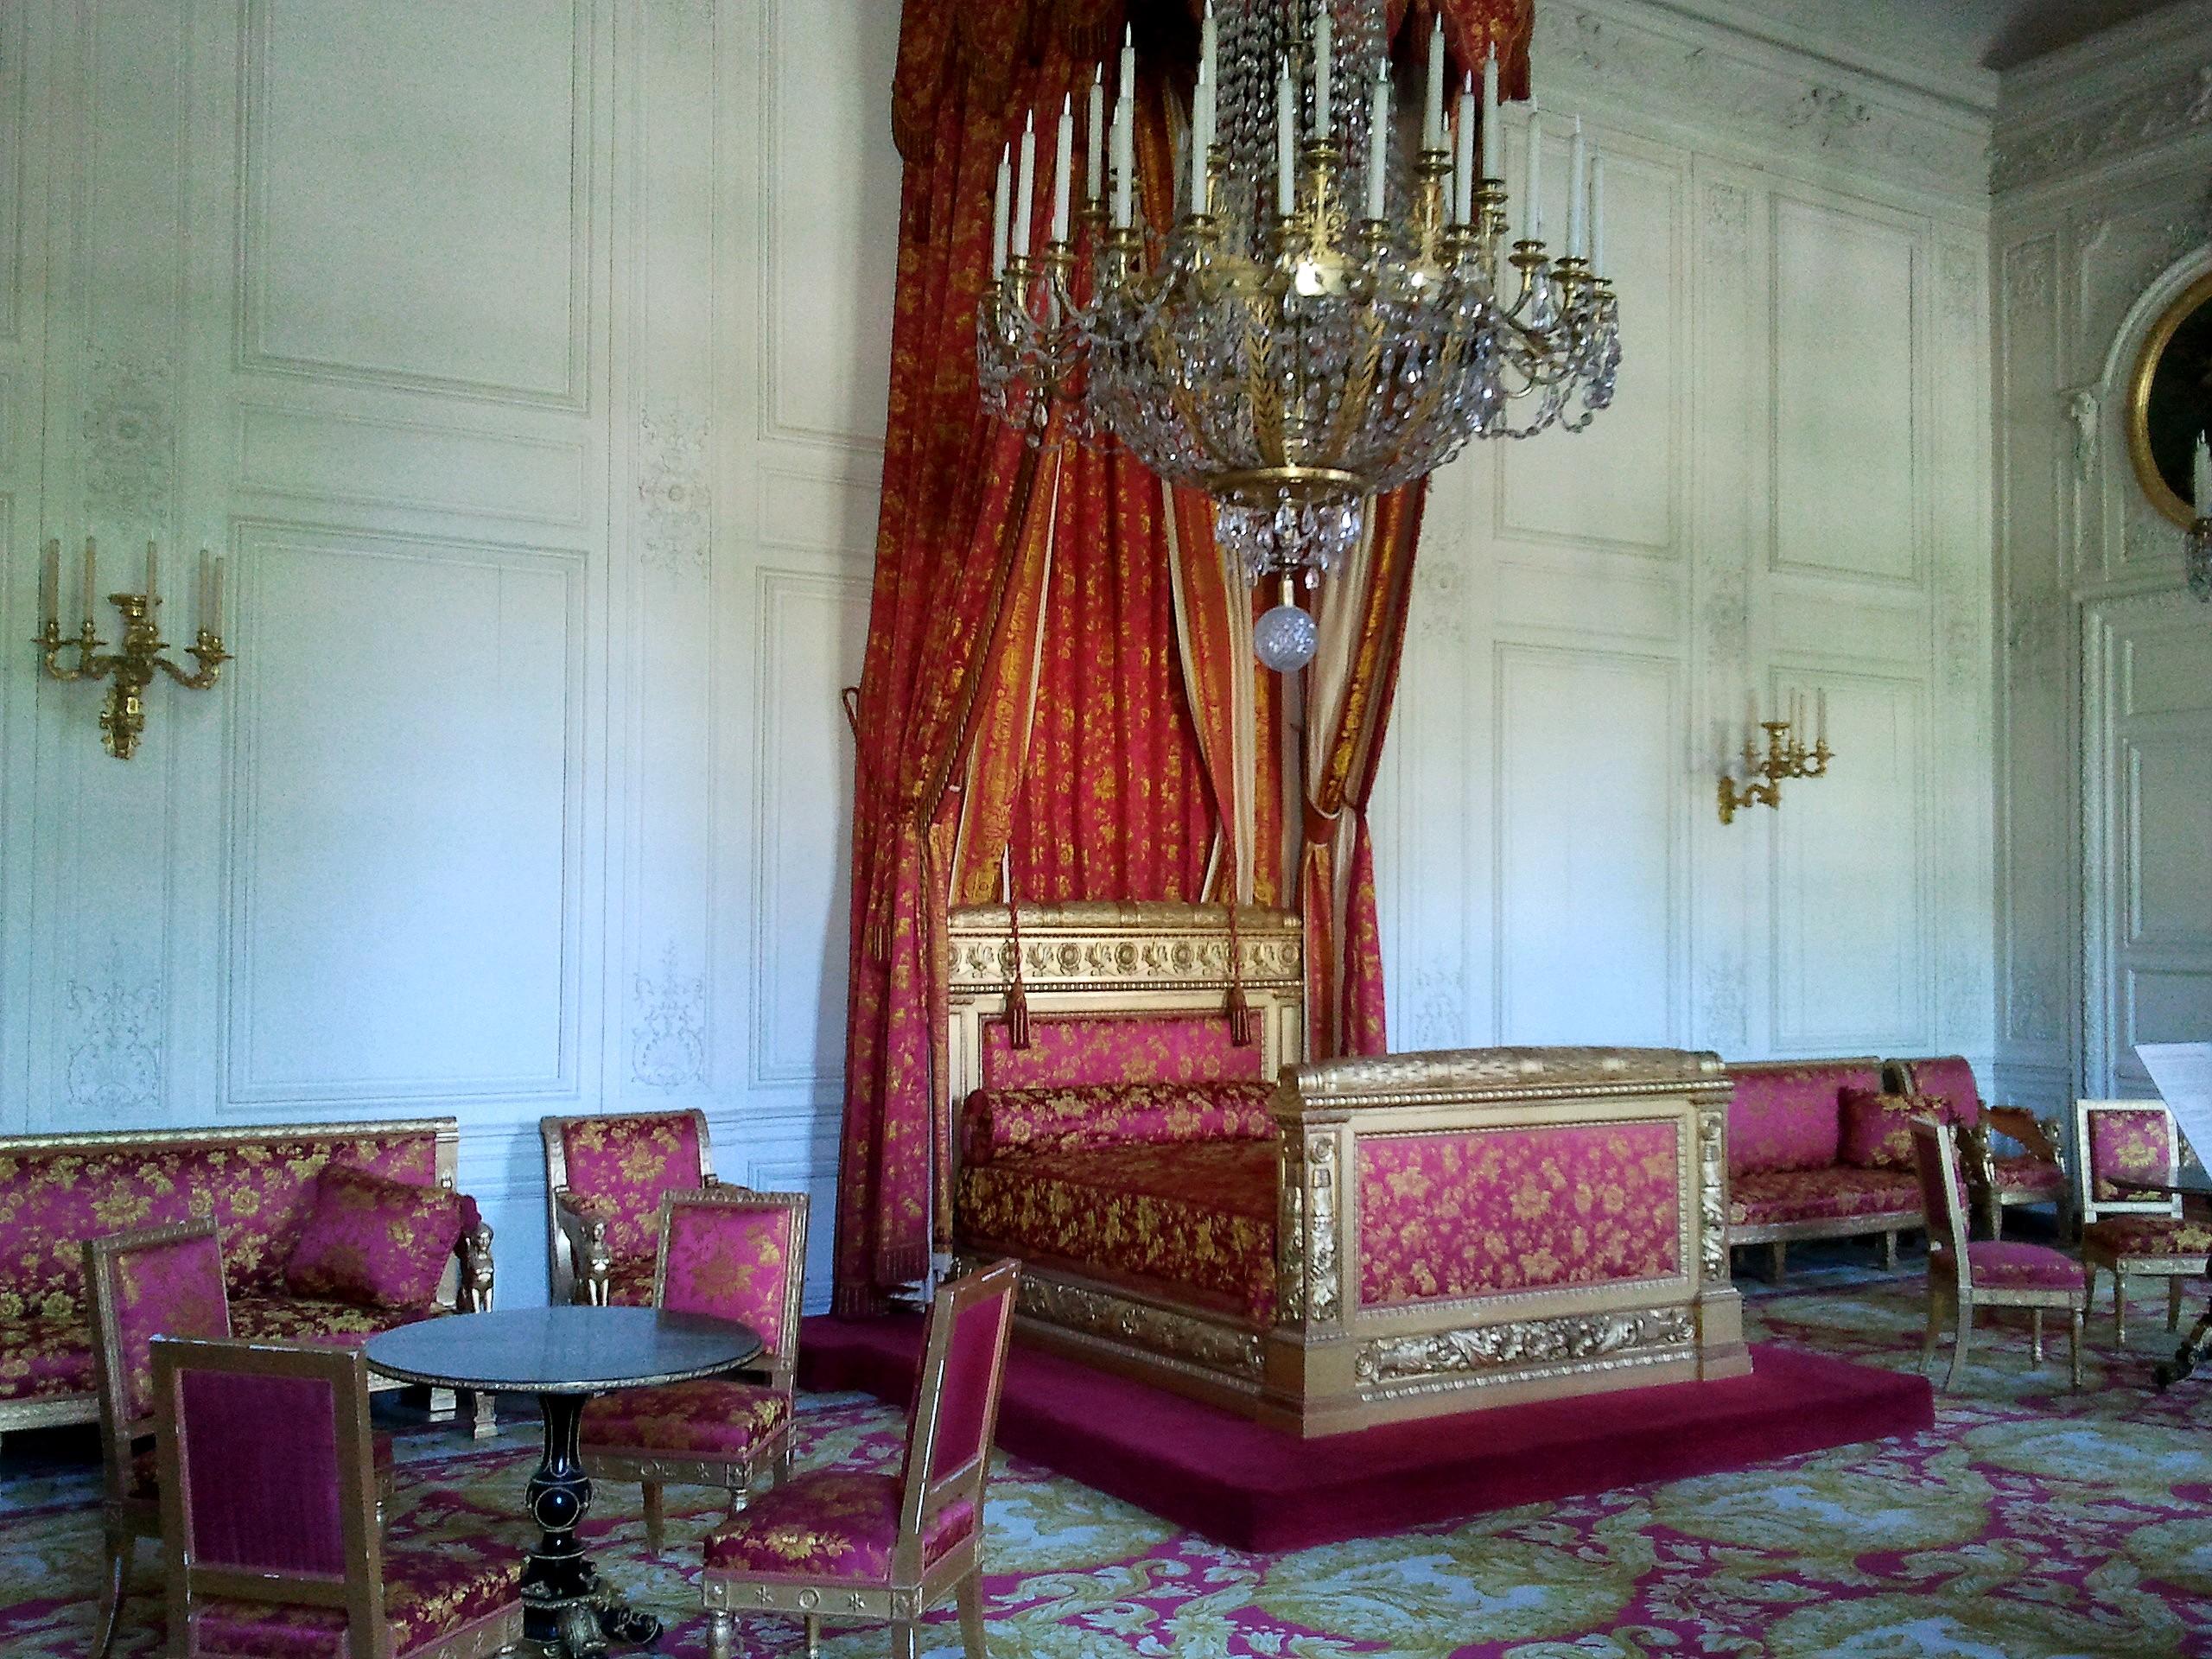 File:Grand Trianon Chambre de la reine des Belges.jpg ...